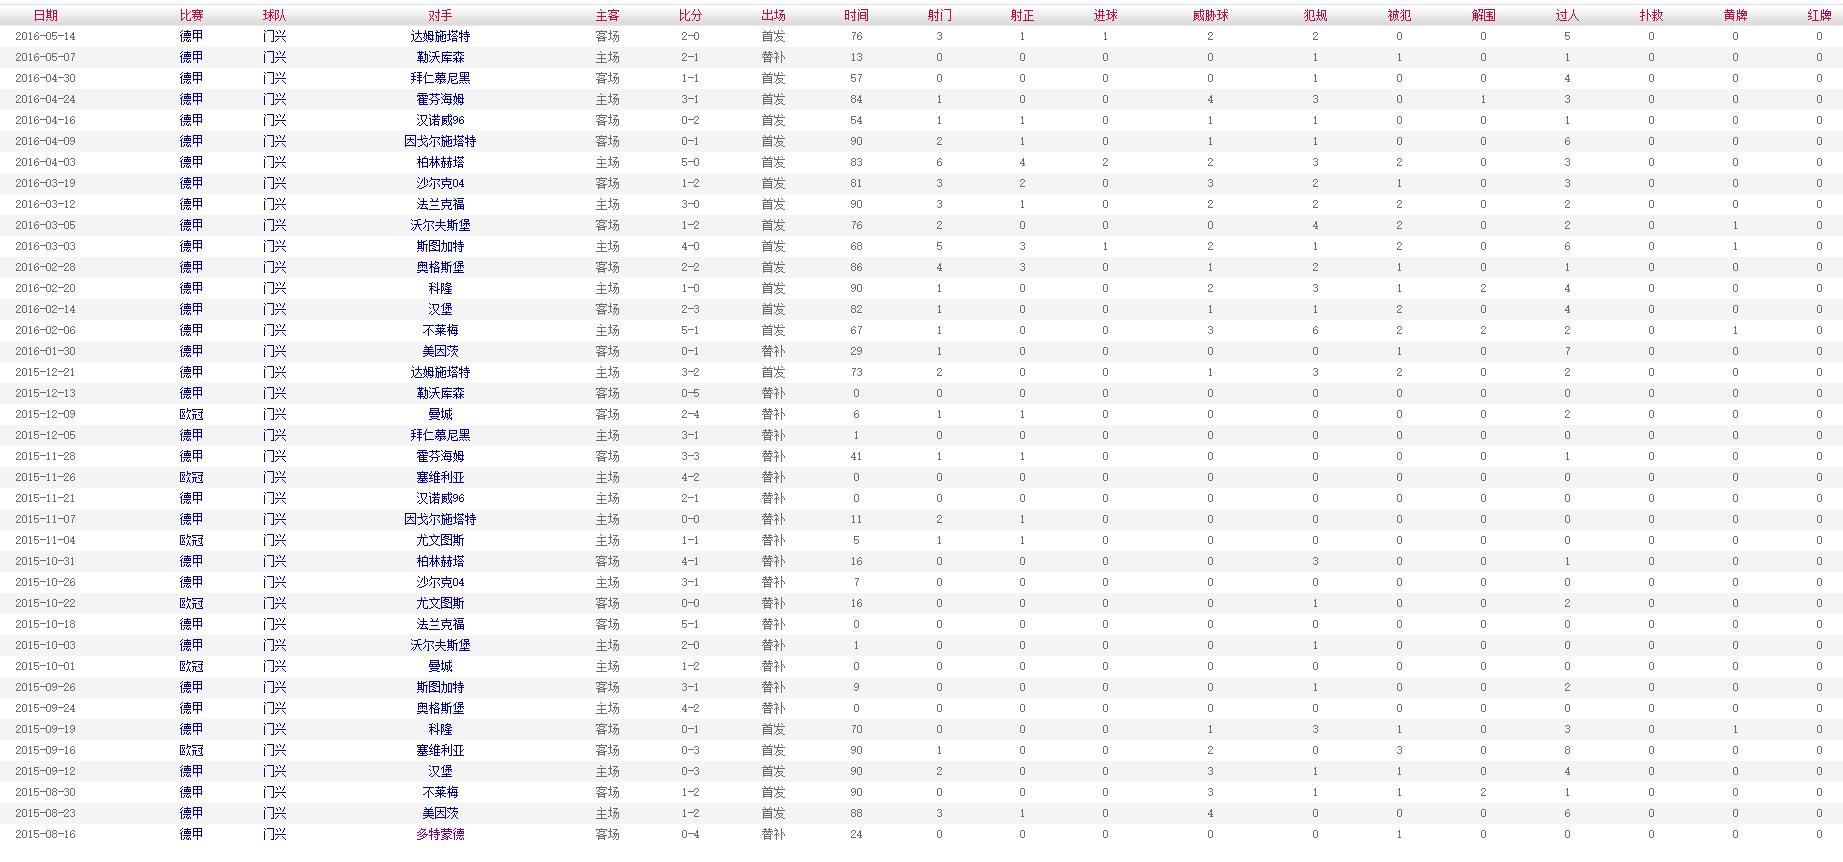 索尔根-阿扎尔 2015-2016赛季比赛数据